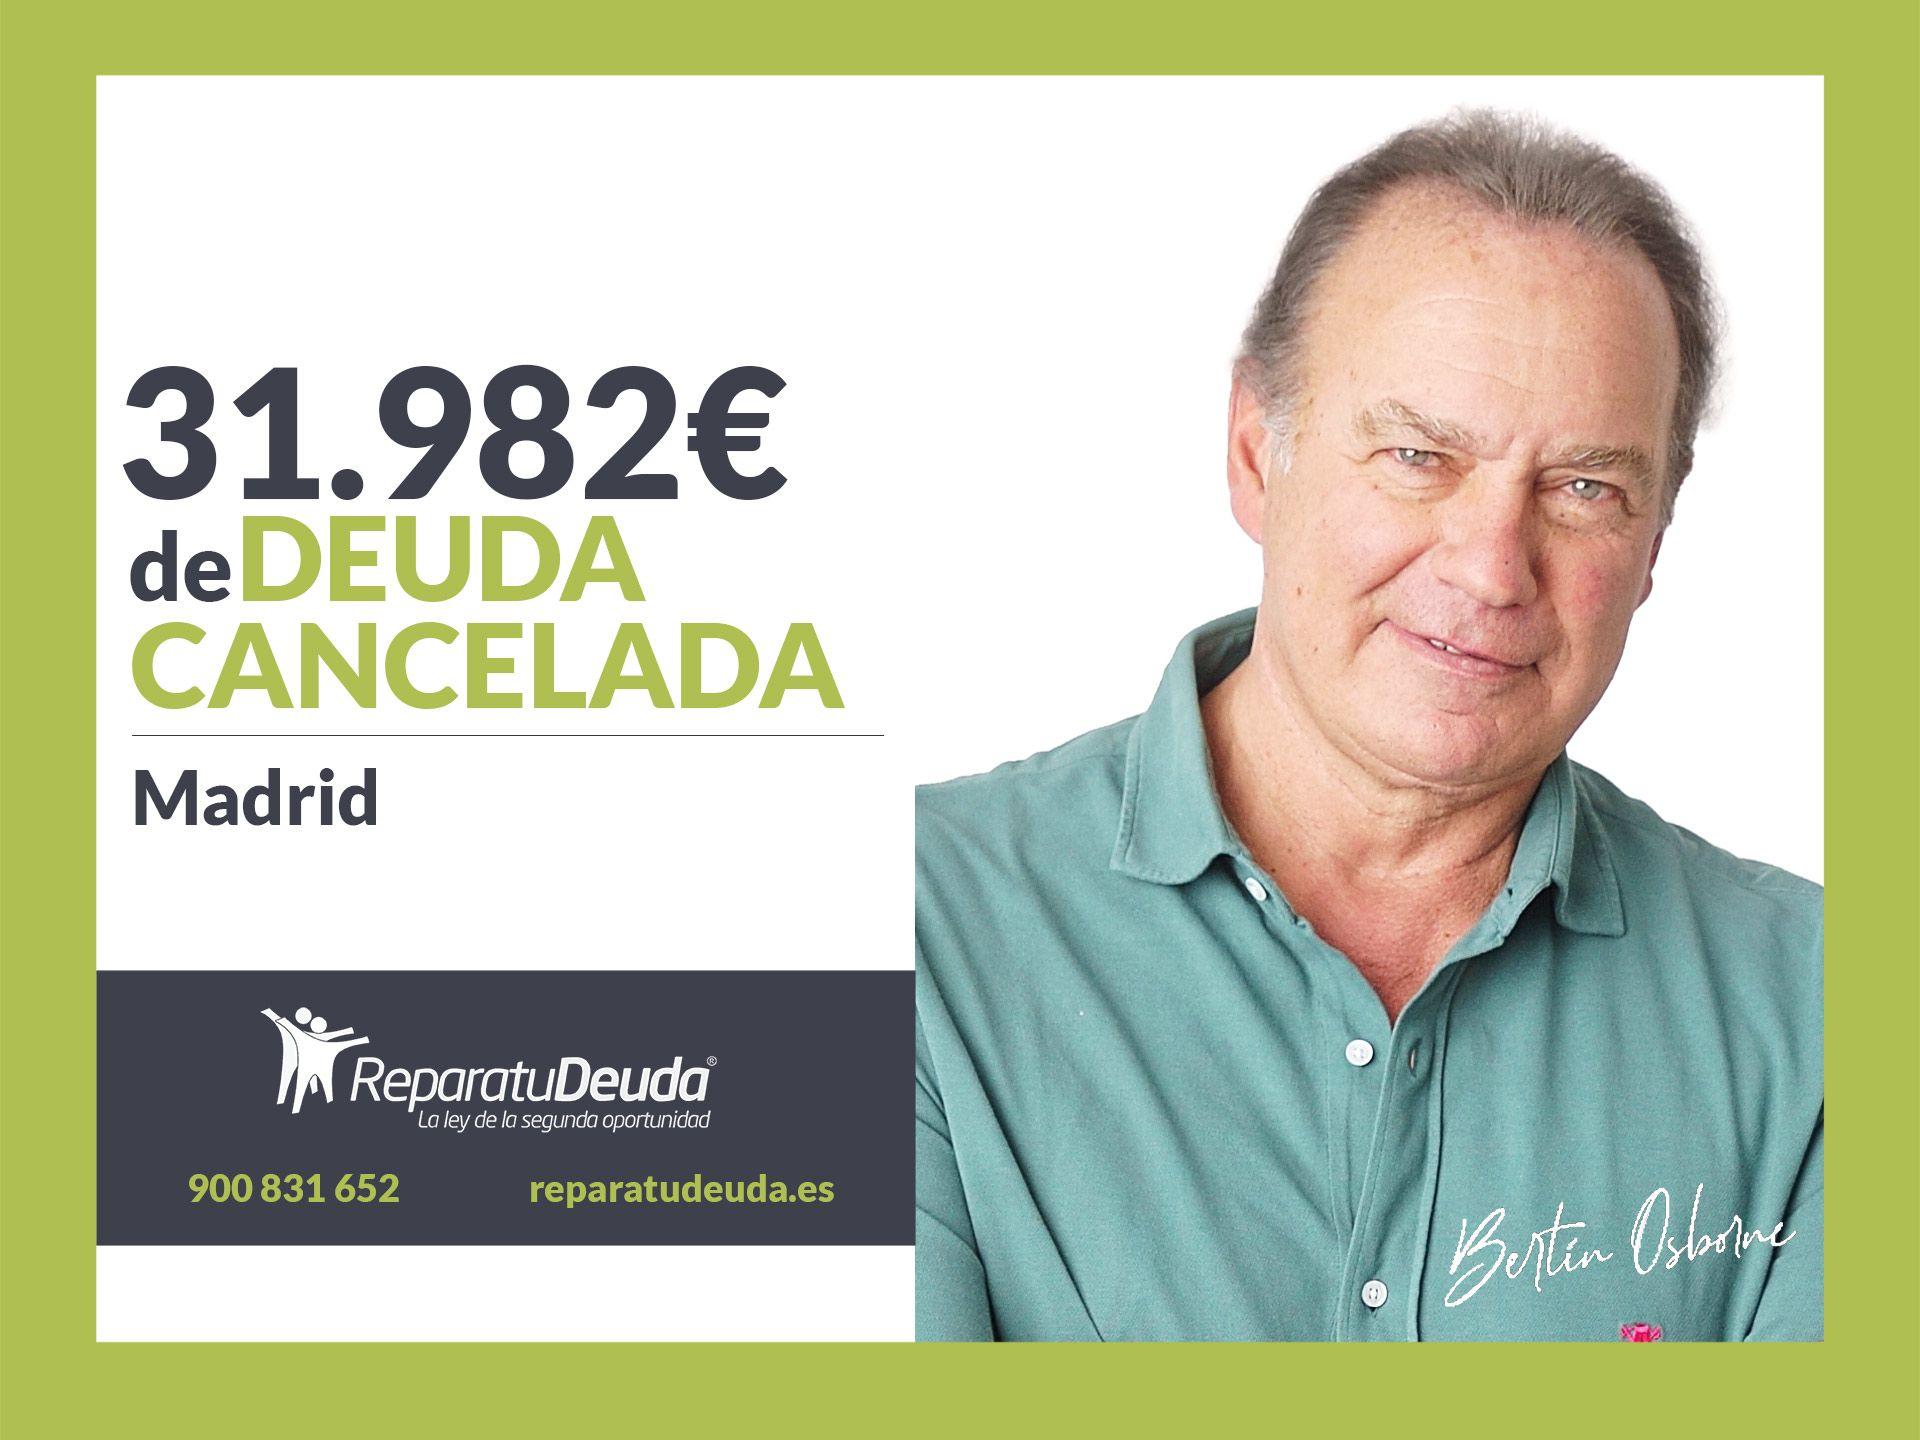 Repara tu Deuda Abogados cancela 31.982? en Madrid con la Ley de la Segunda Oportunidad